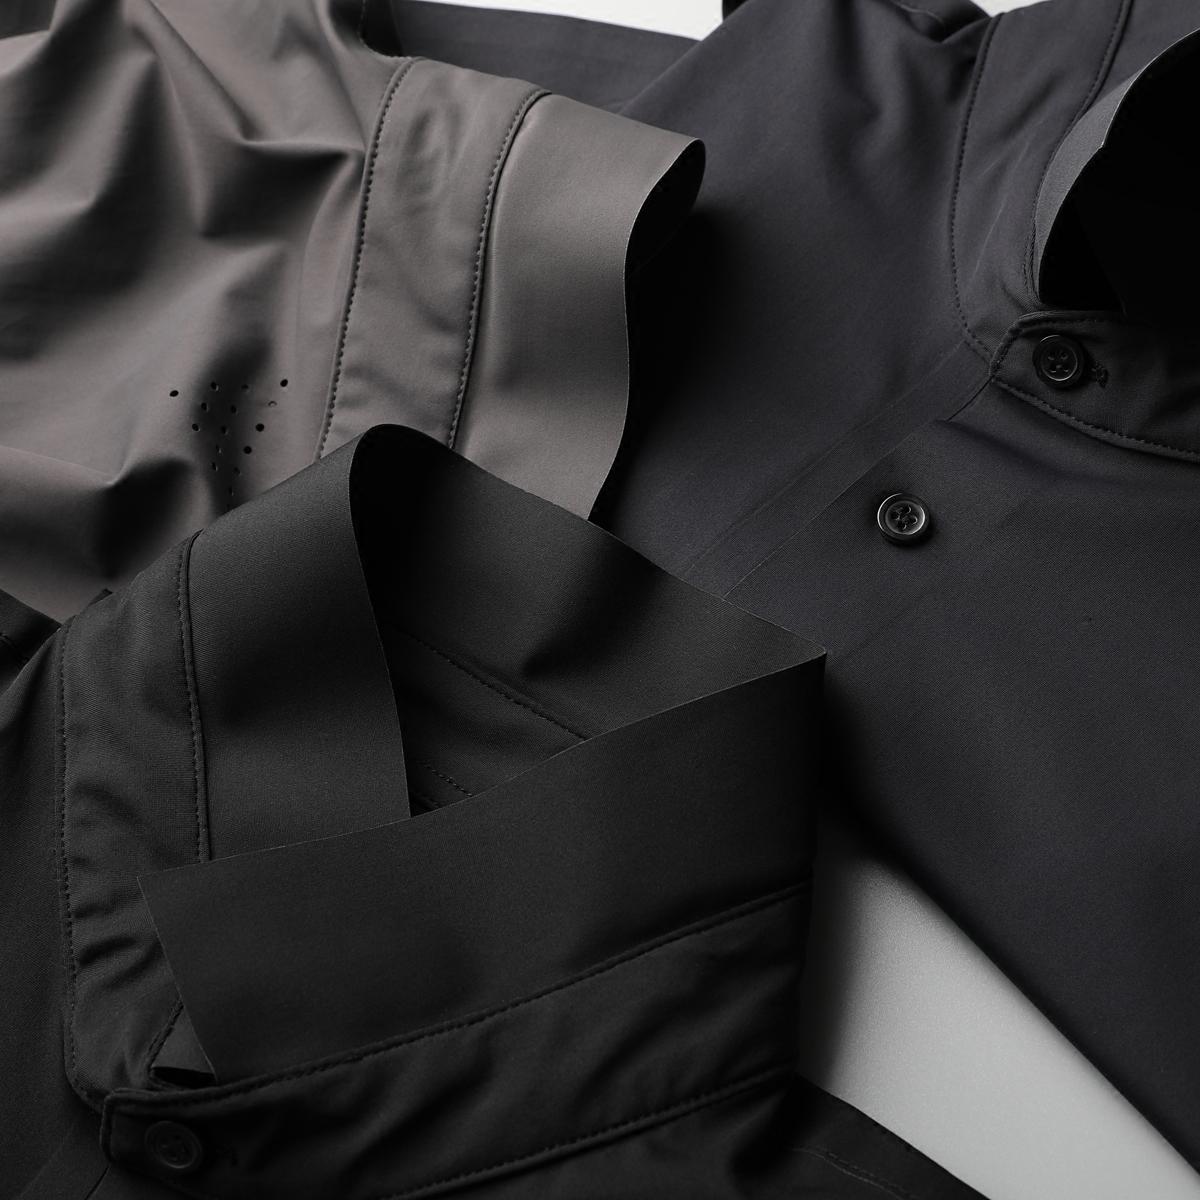 007夏新款短袖T恤纯色Polo衫男高端丝滑弹力修身压胶男士翻领T恤